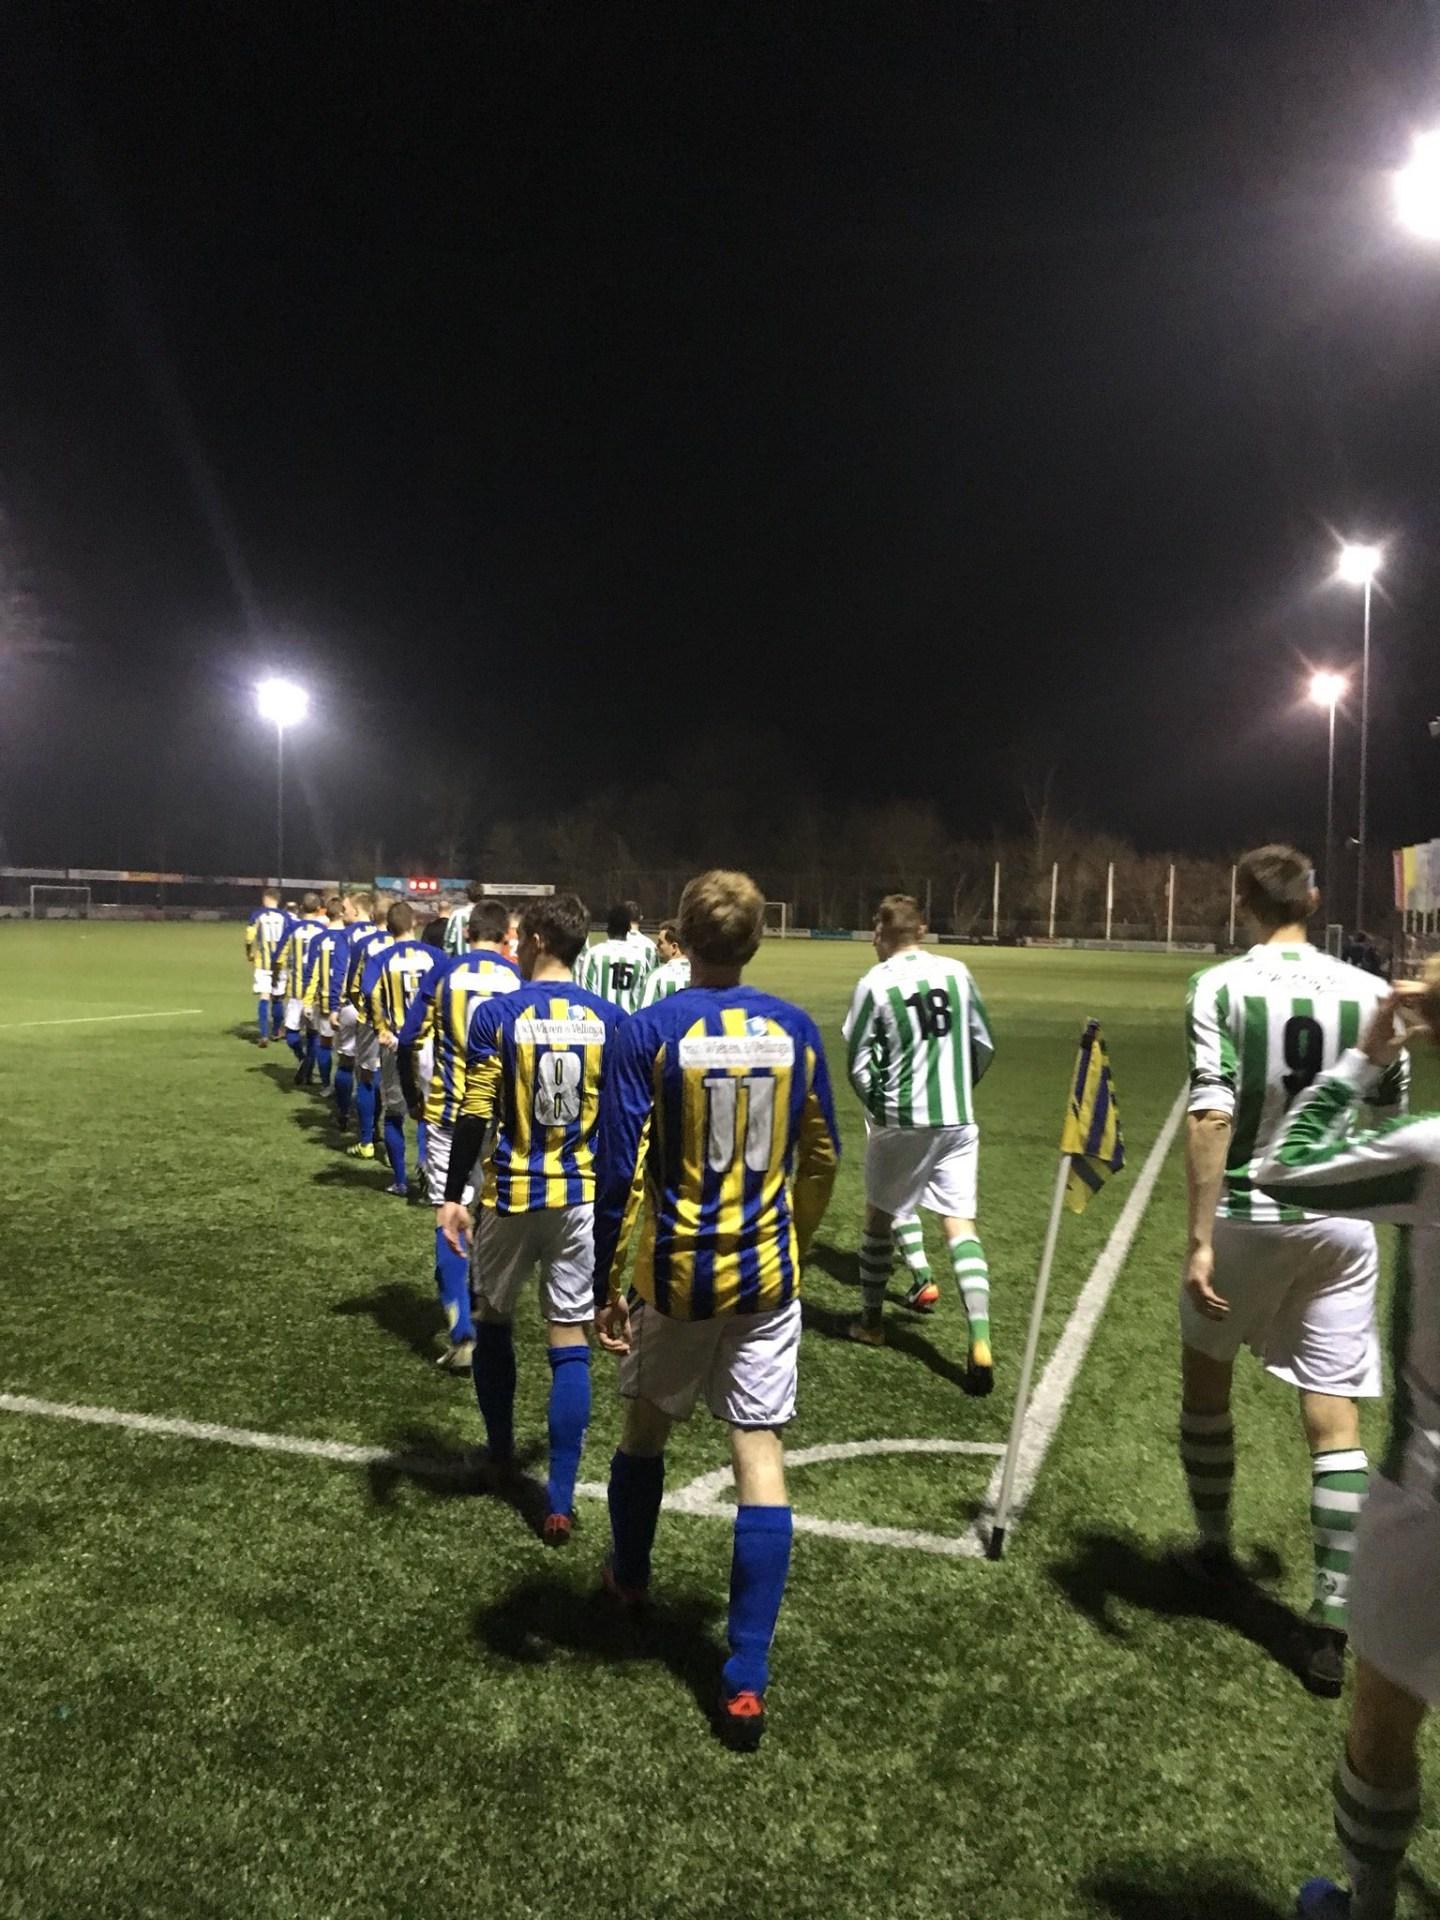 Voetbal: Een overwinning op het laatste moment.